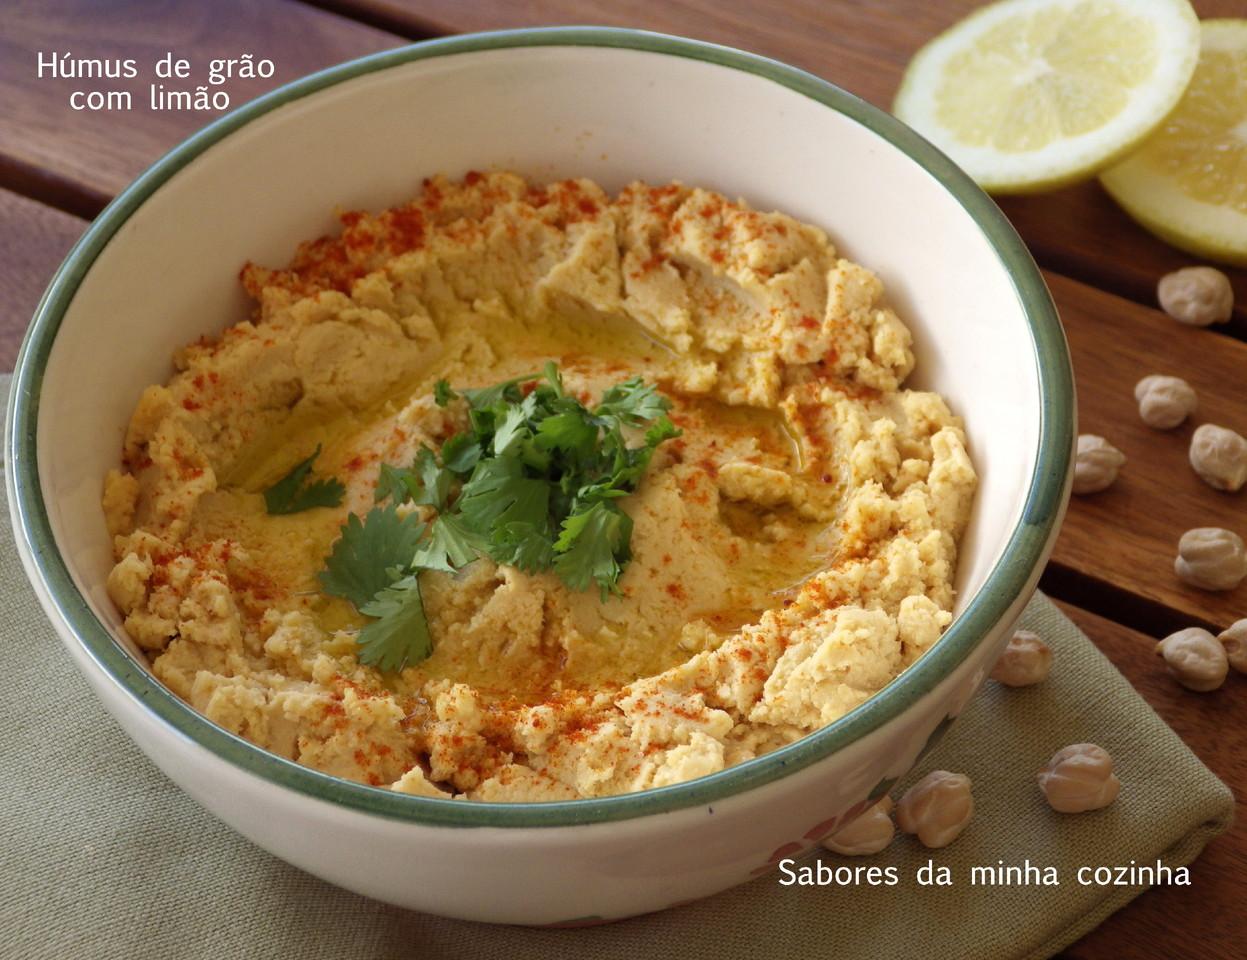 IMGP6379-Húmus de grão com limão-Blog.JPG